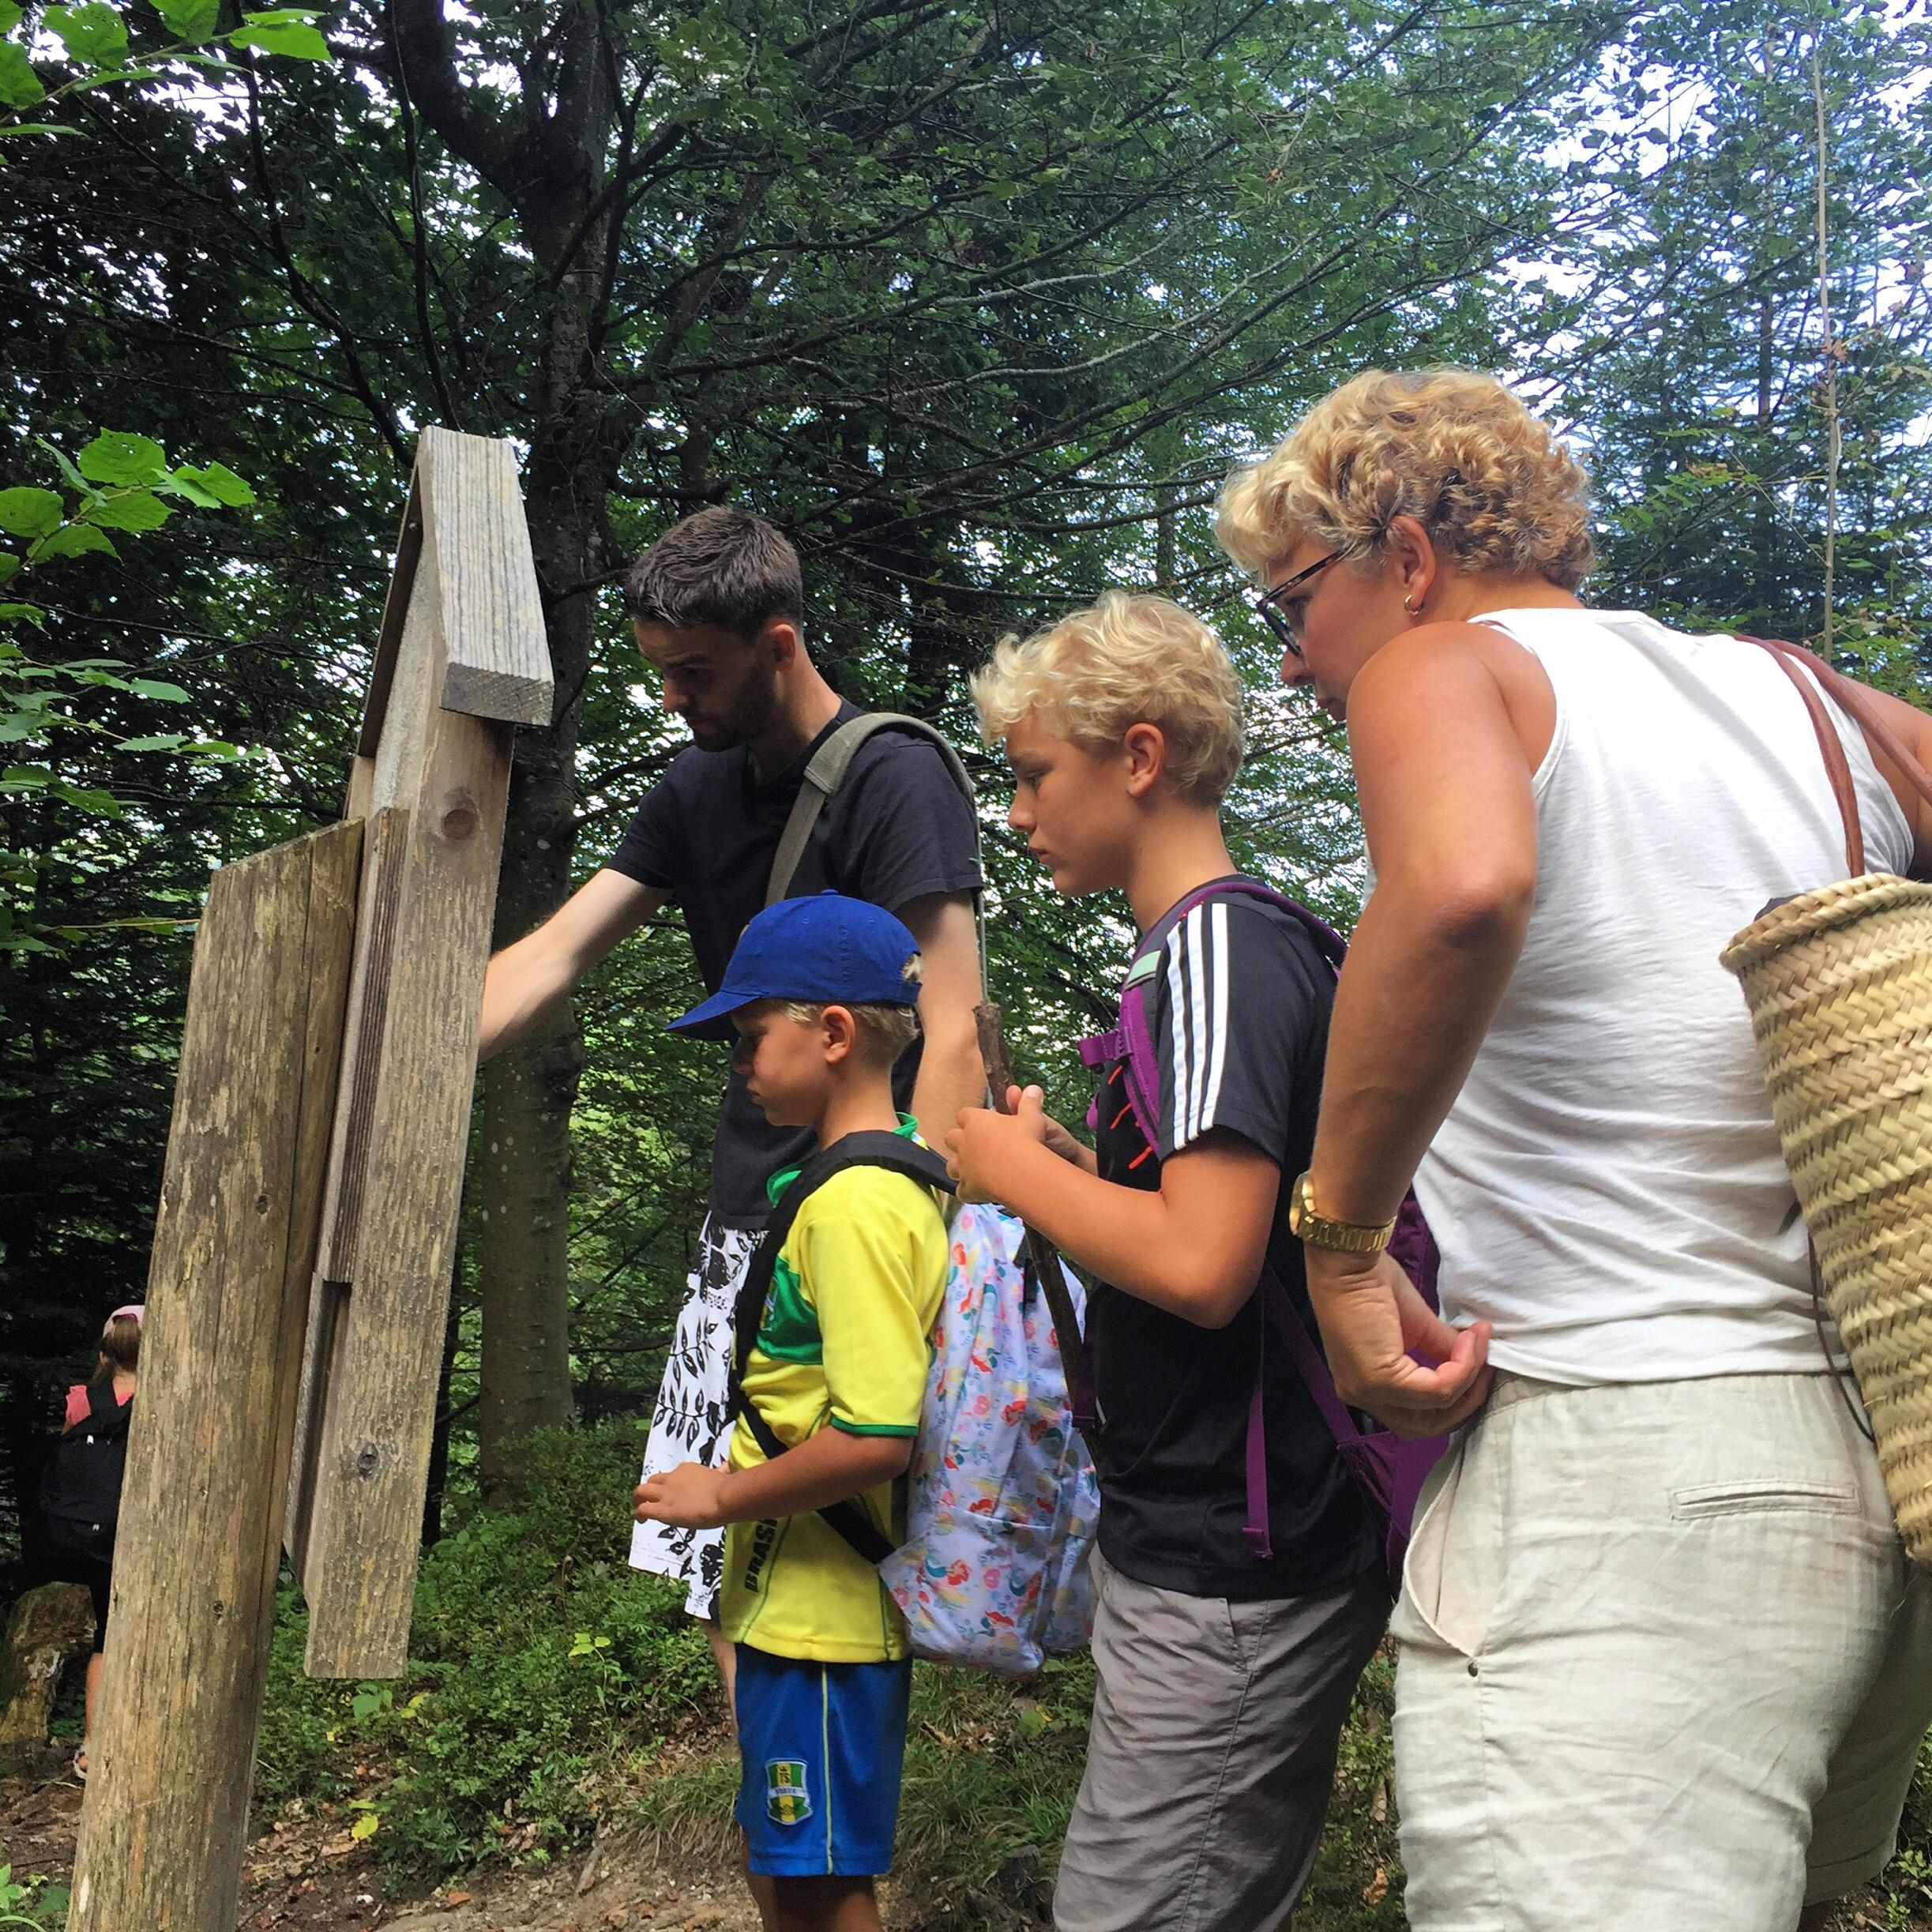 De route terug was vol slangen en andere enge beesten die eventueel misschien wel in het bos leefden!